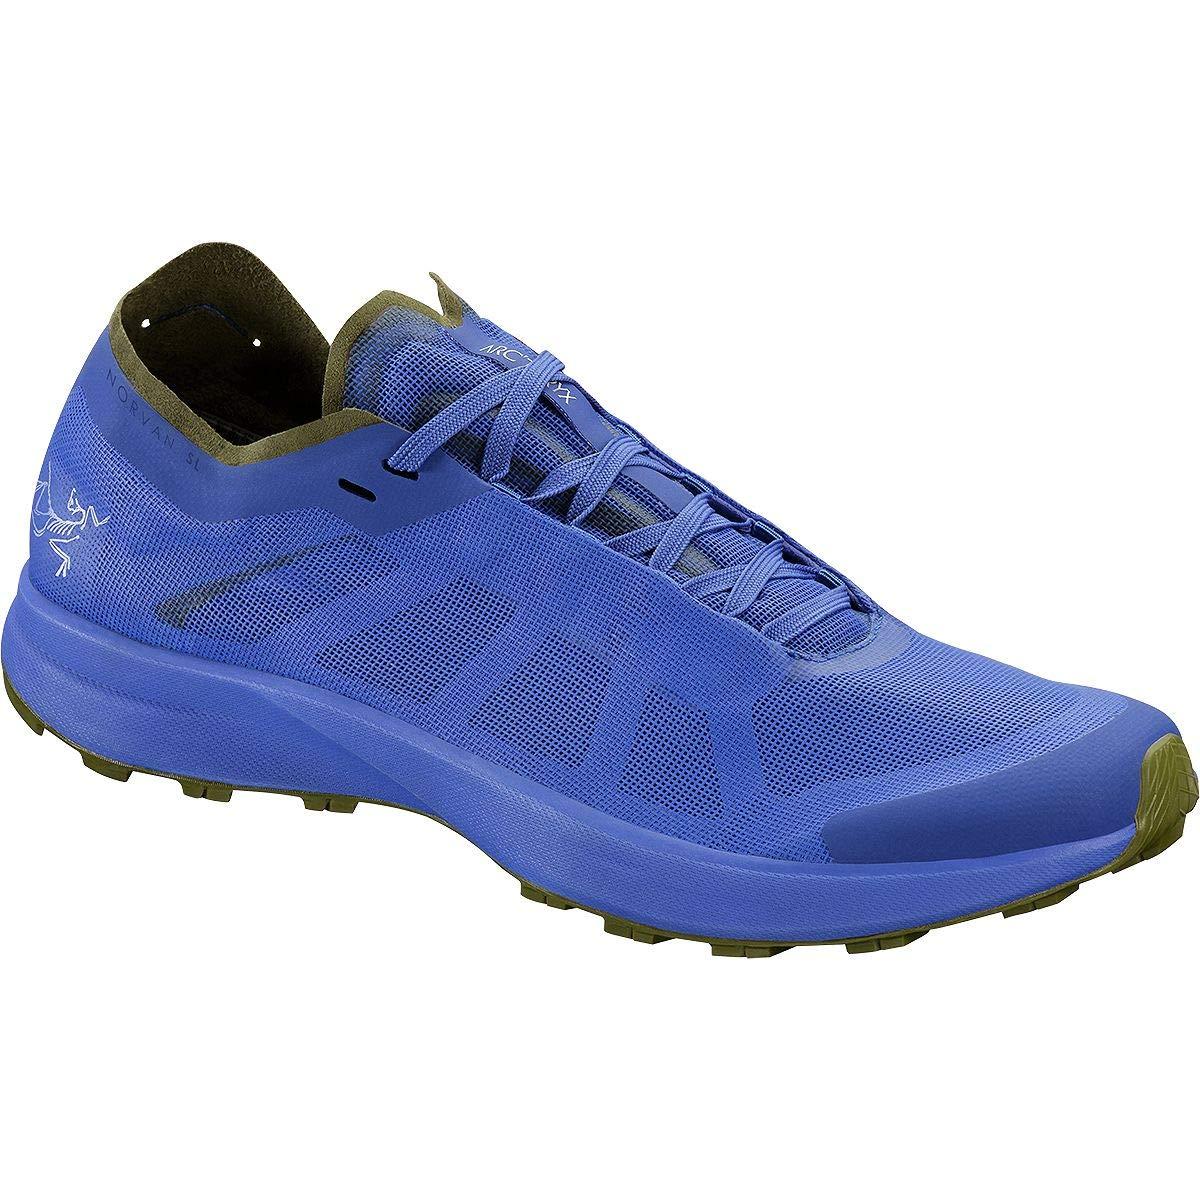 愛用 [アークテリクス] レディース ランニング Norvan [並行輸入品] SL Running Shoe [並行輸入品] B07P53NN68 B07P53NN68 Norvan US-8.5/UK-7.0, 【未使用品】:d6966f8c --- ipgi.de